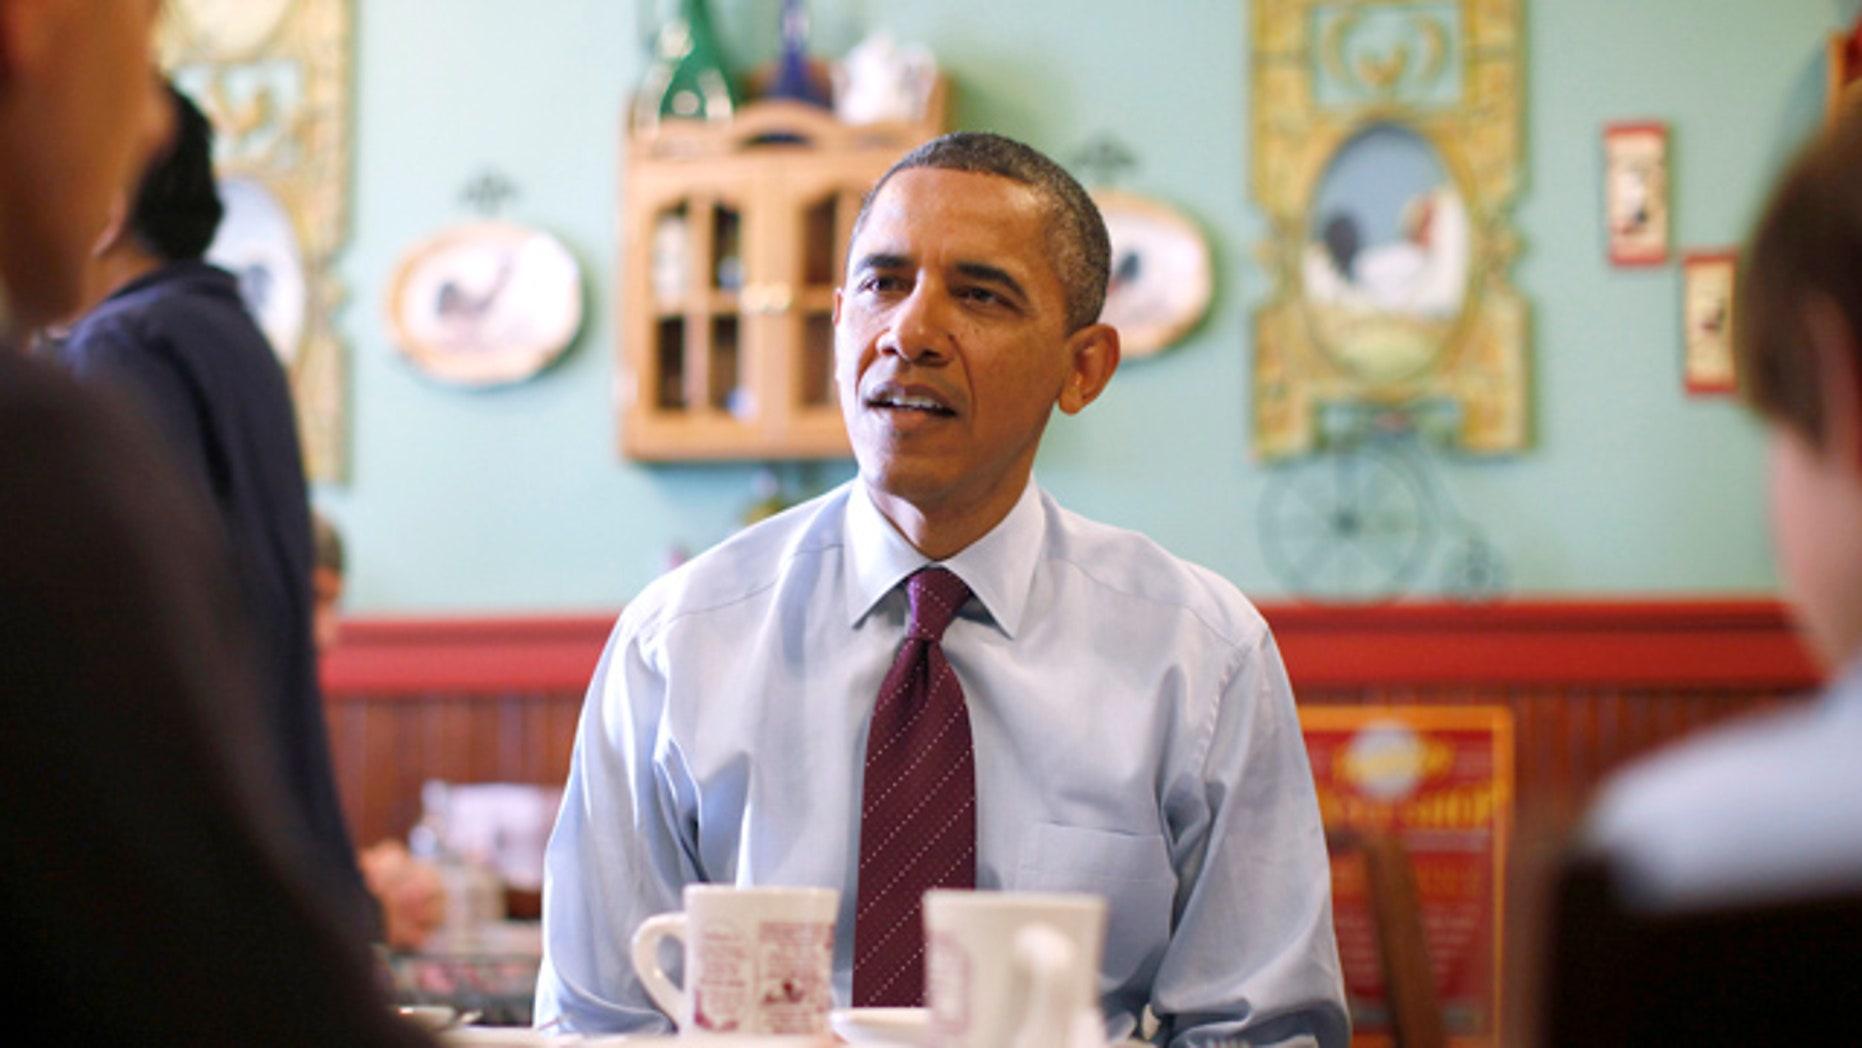 Nov. 22, 2011: President Obama visits a restaurant in Manchester, N.H.